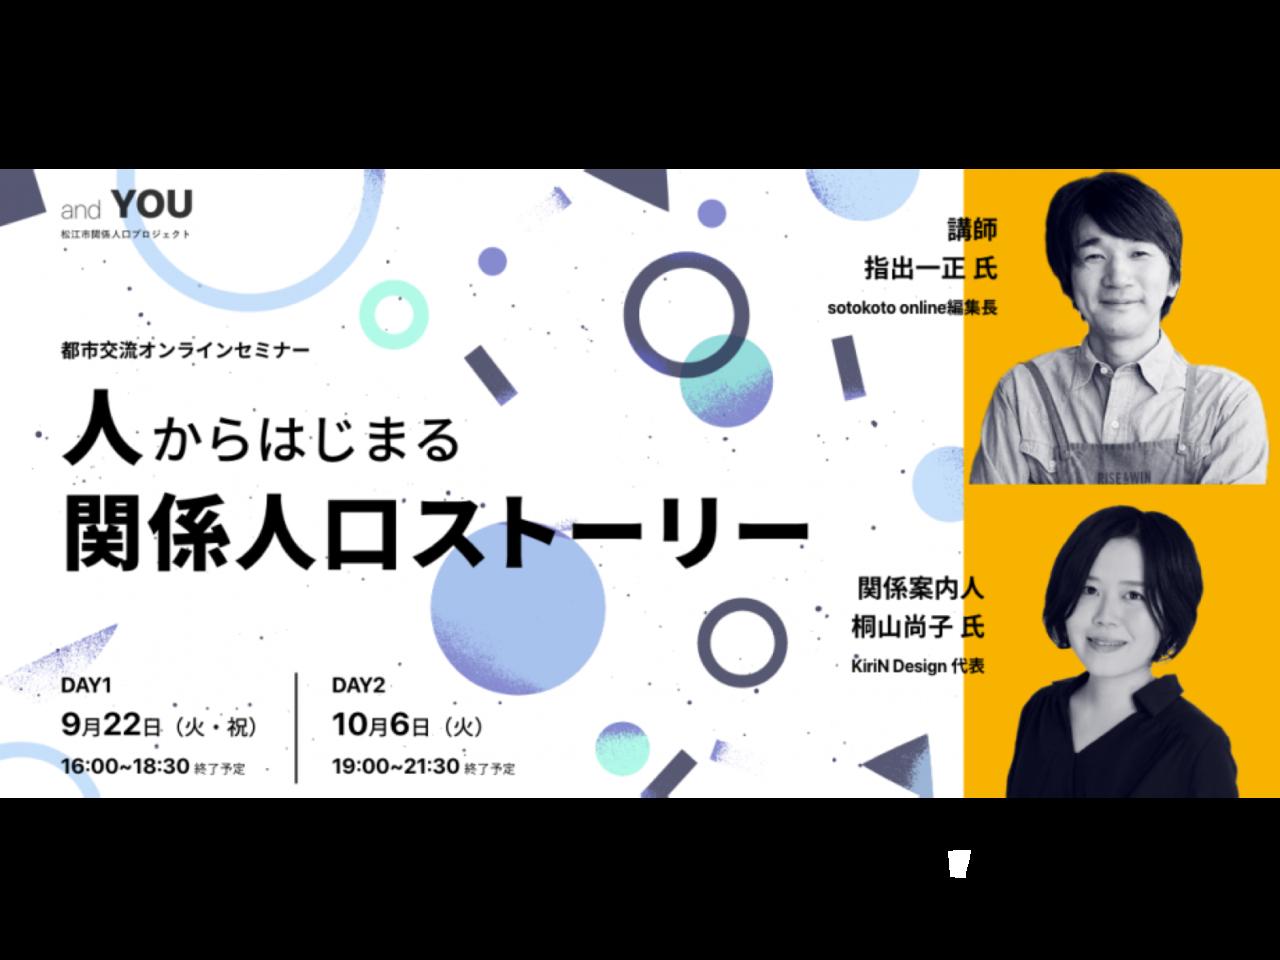 島根県松江市のオンラインセミナー「関係人口ストーリー」、お待ちしています!